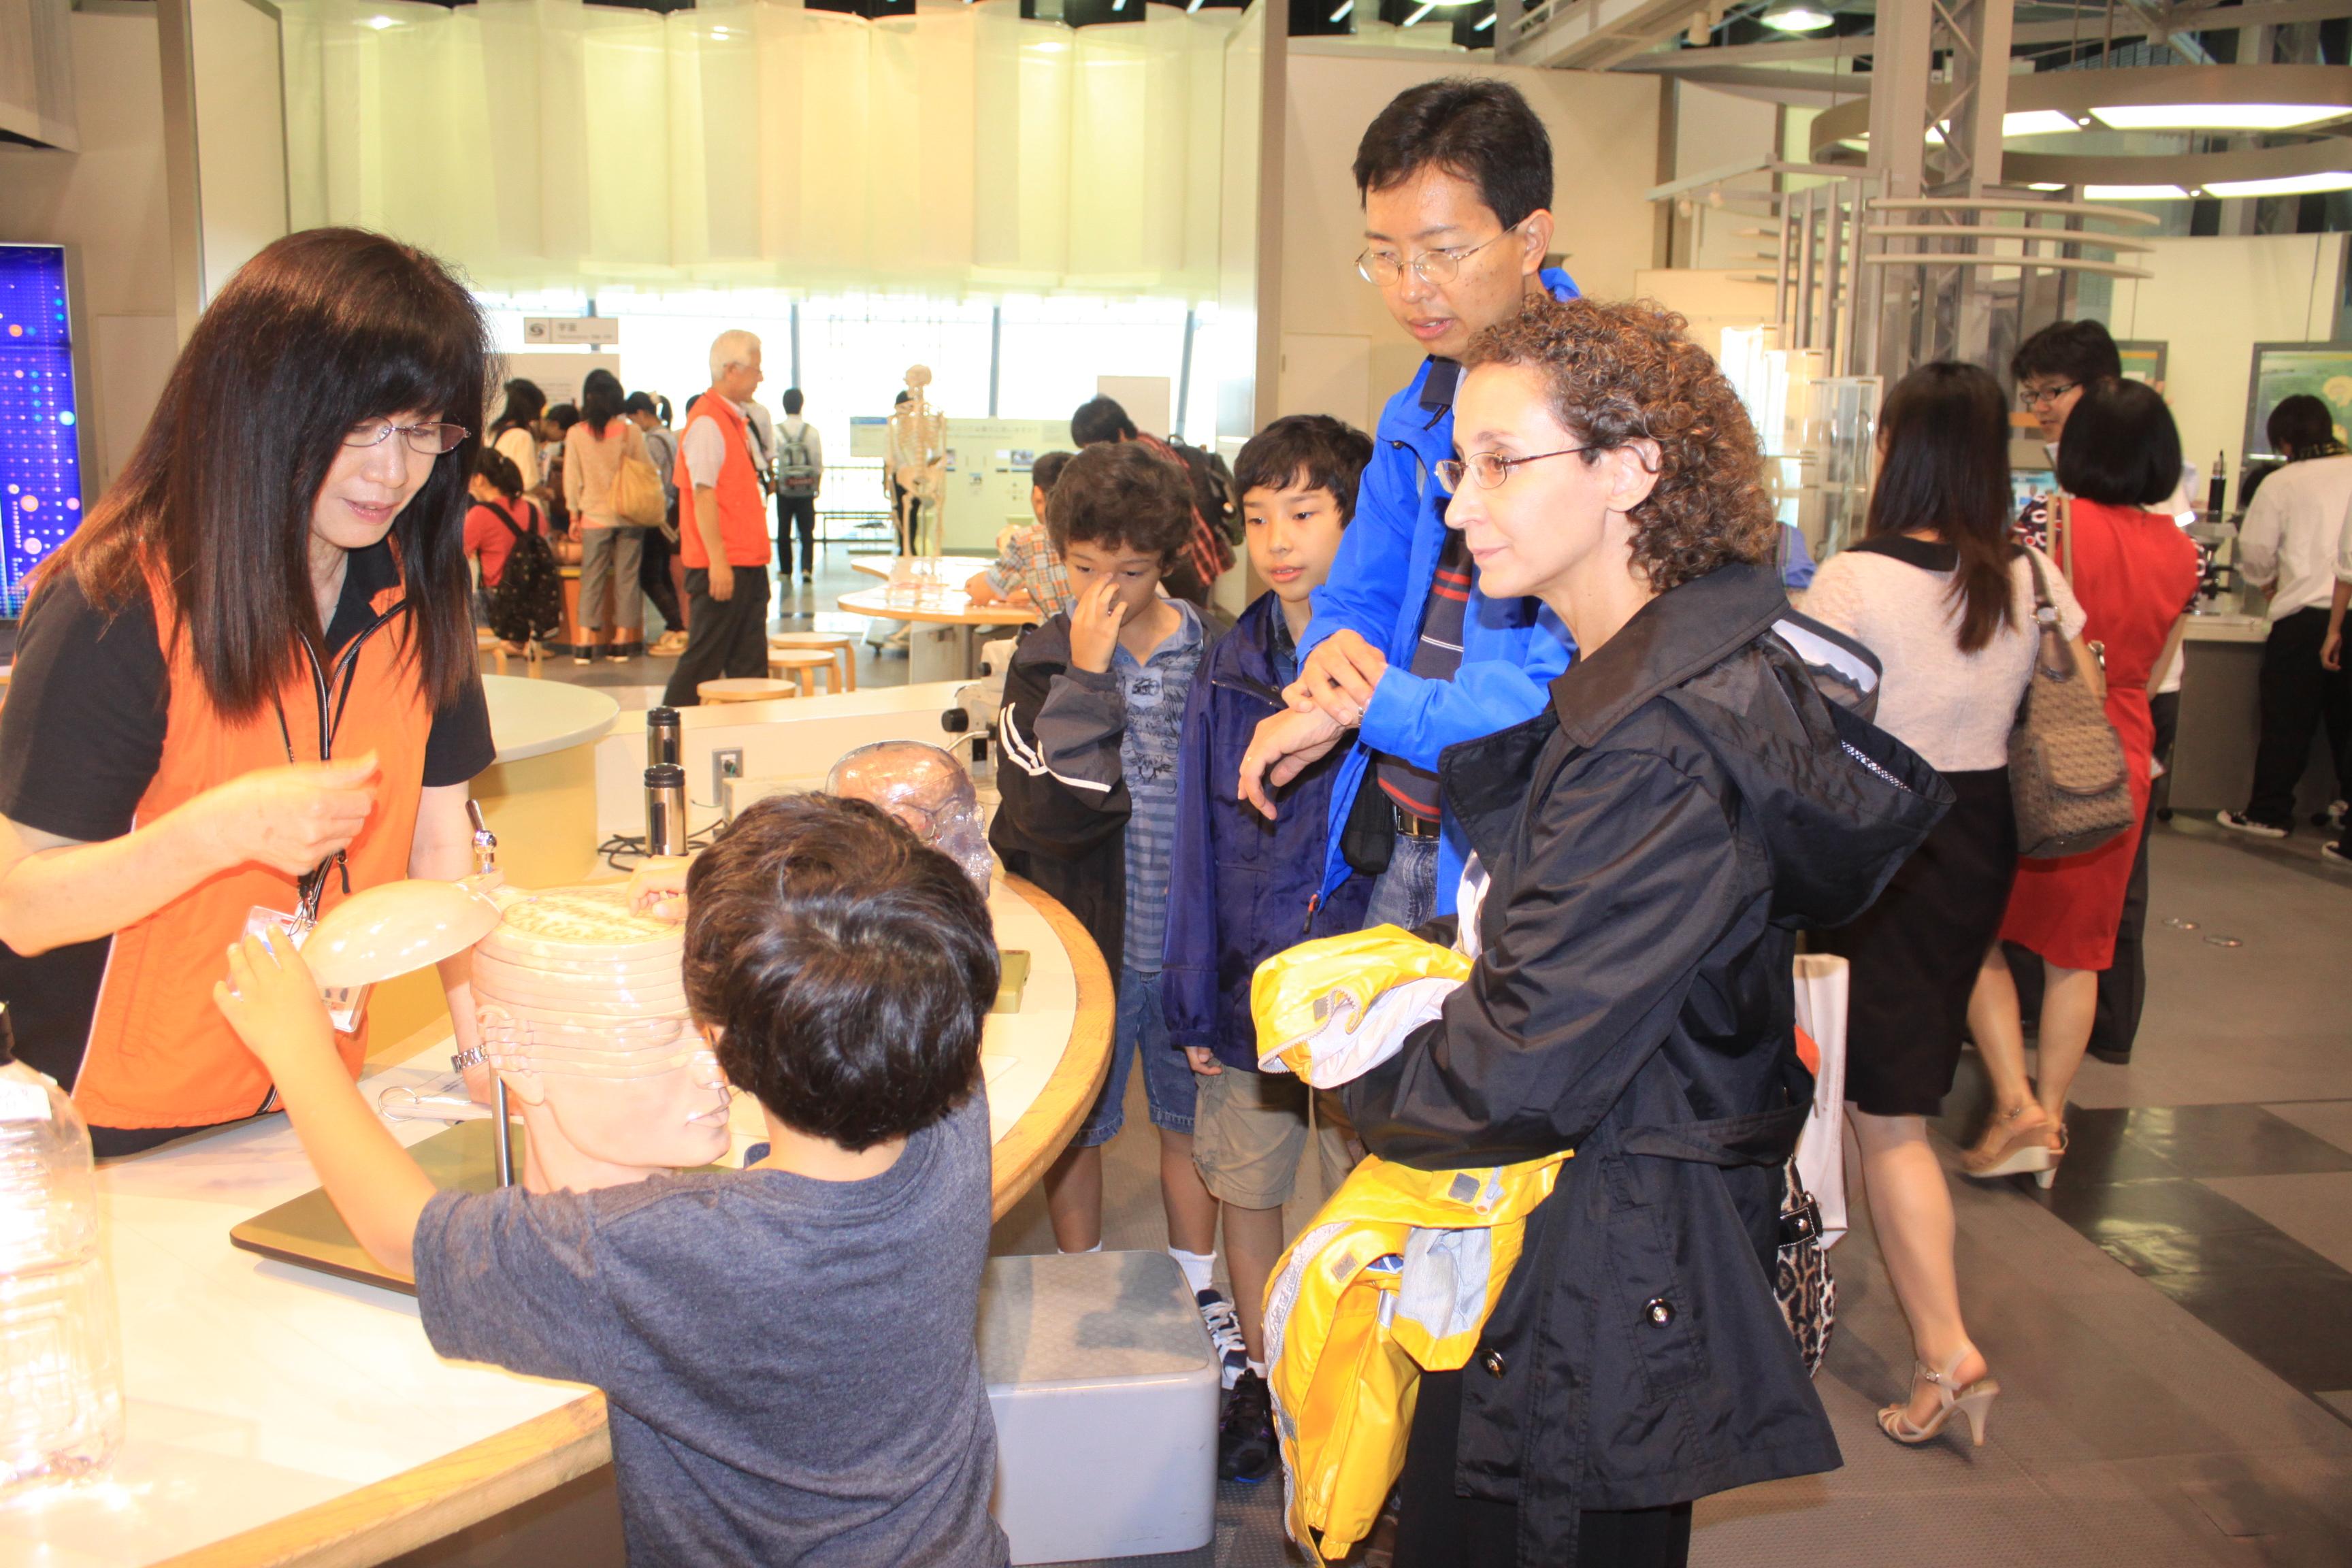 Hoạt động trải nghiệm tại Bảo tàng Quốc gia về khoa học và sáng tạo tiên tiến Nhật Bản (Miraikan)